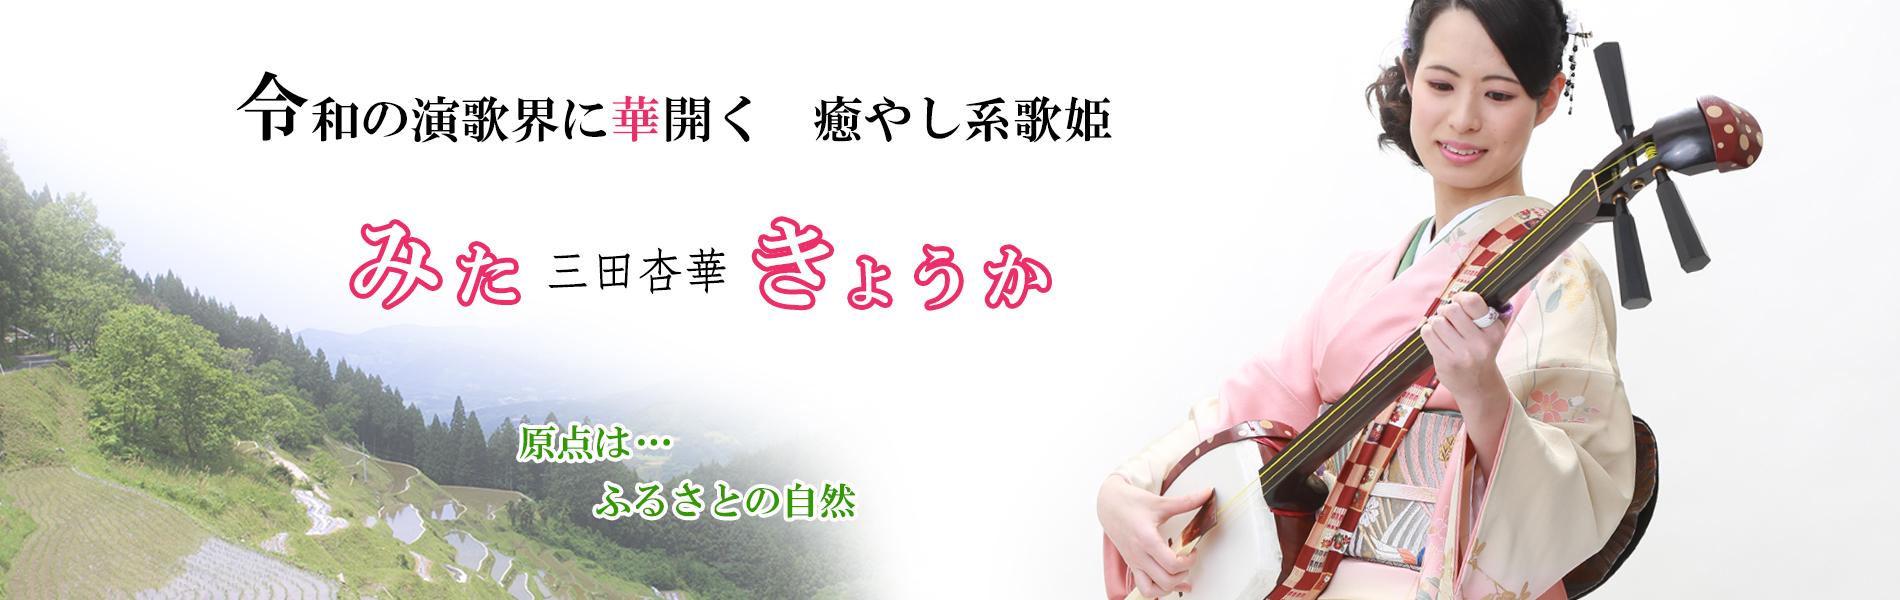 三田杏華オフィシャルサイトTop画像